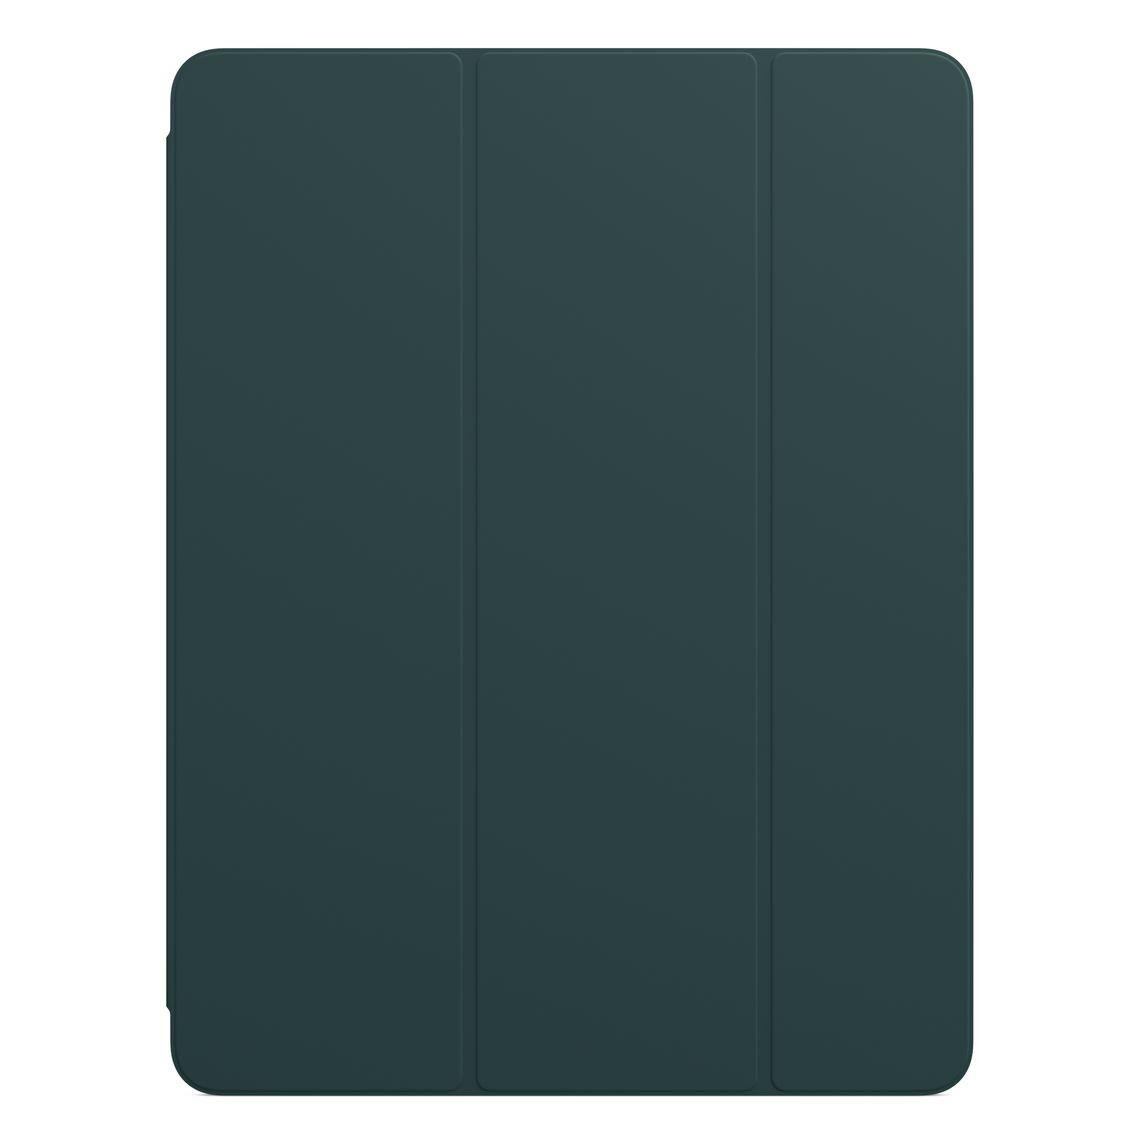 Apple 태블릿PC 스마트 폴리오, 맬러드 그린(MJMK3FE/A)